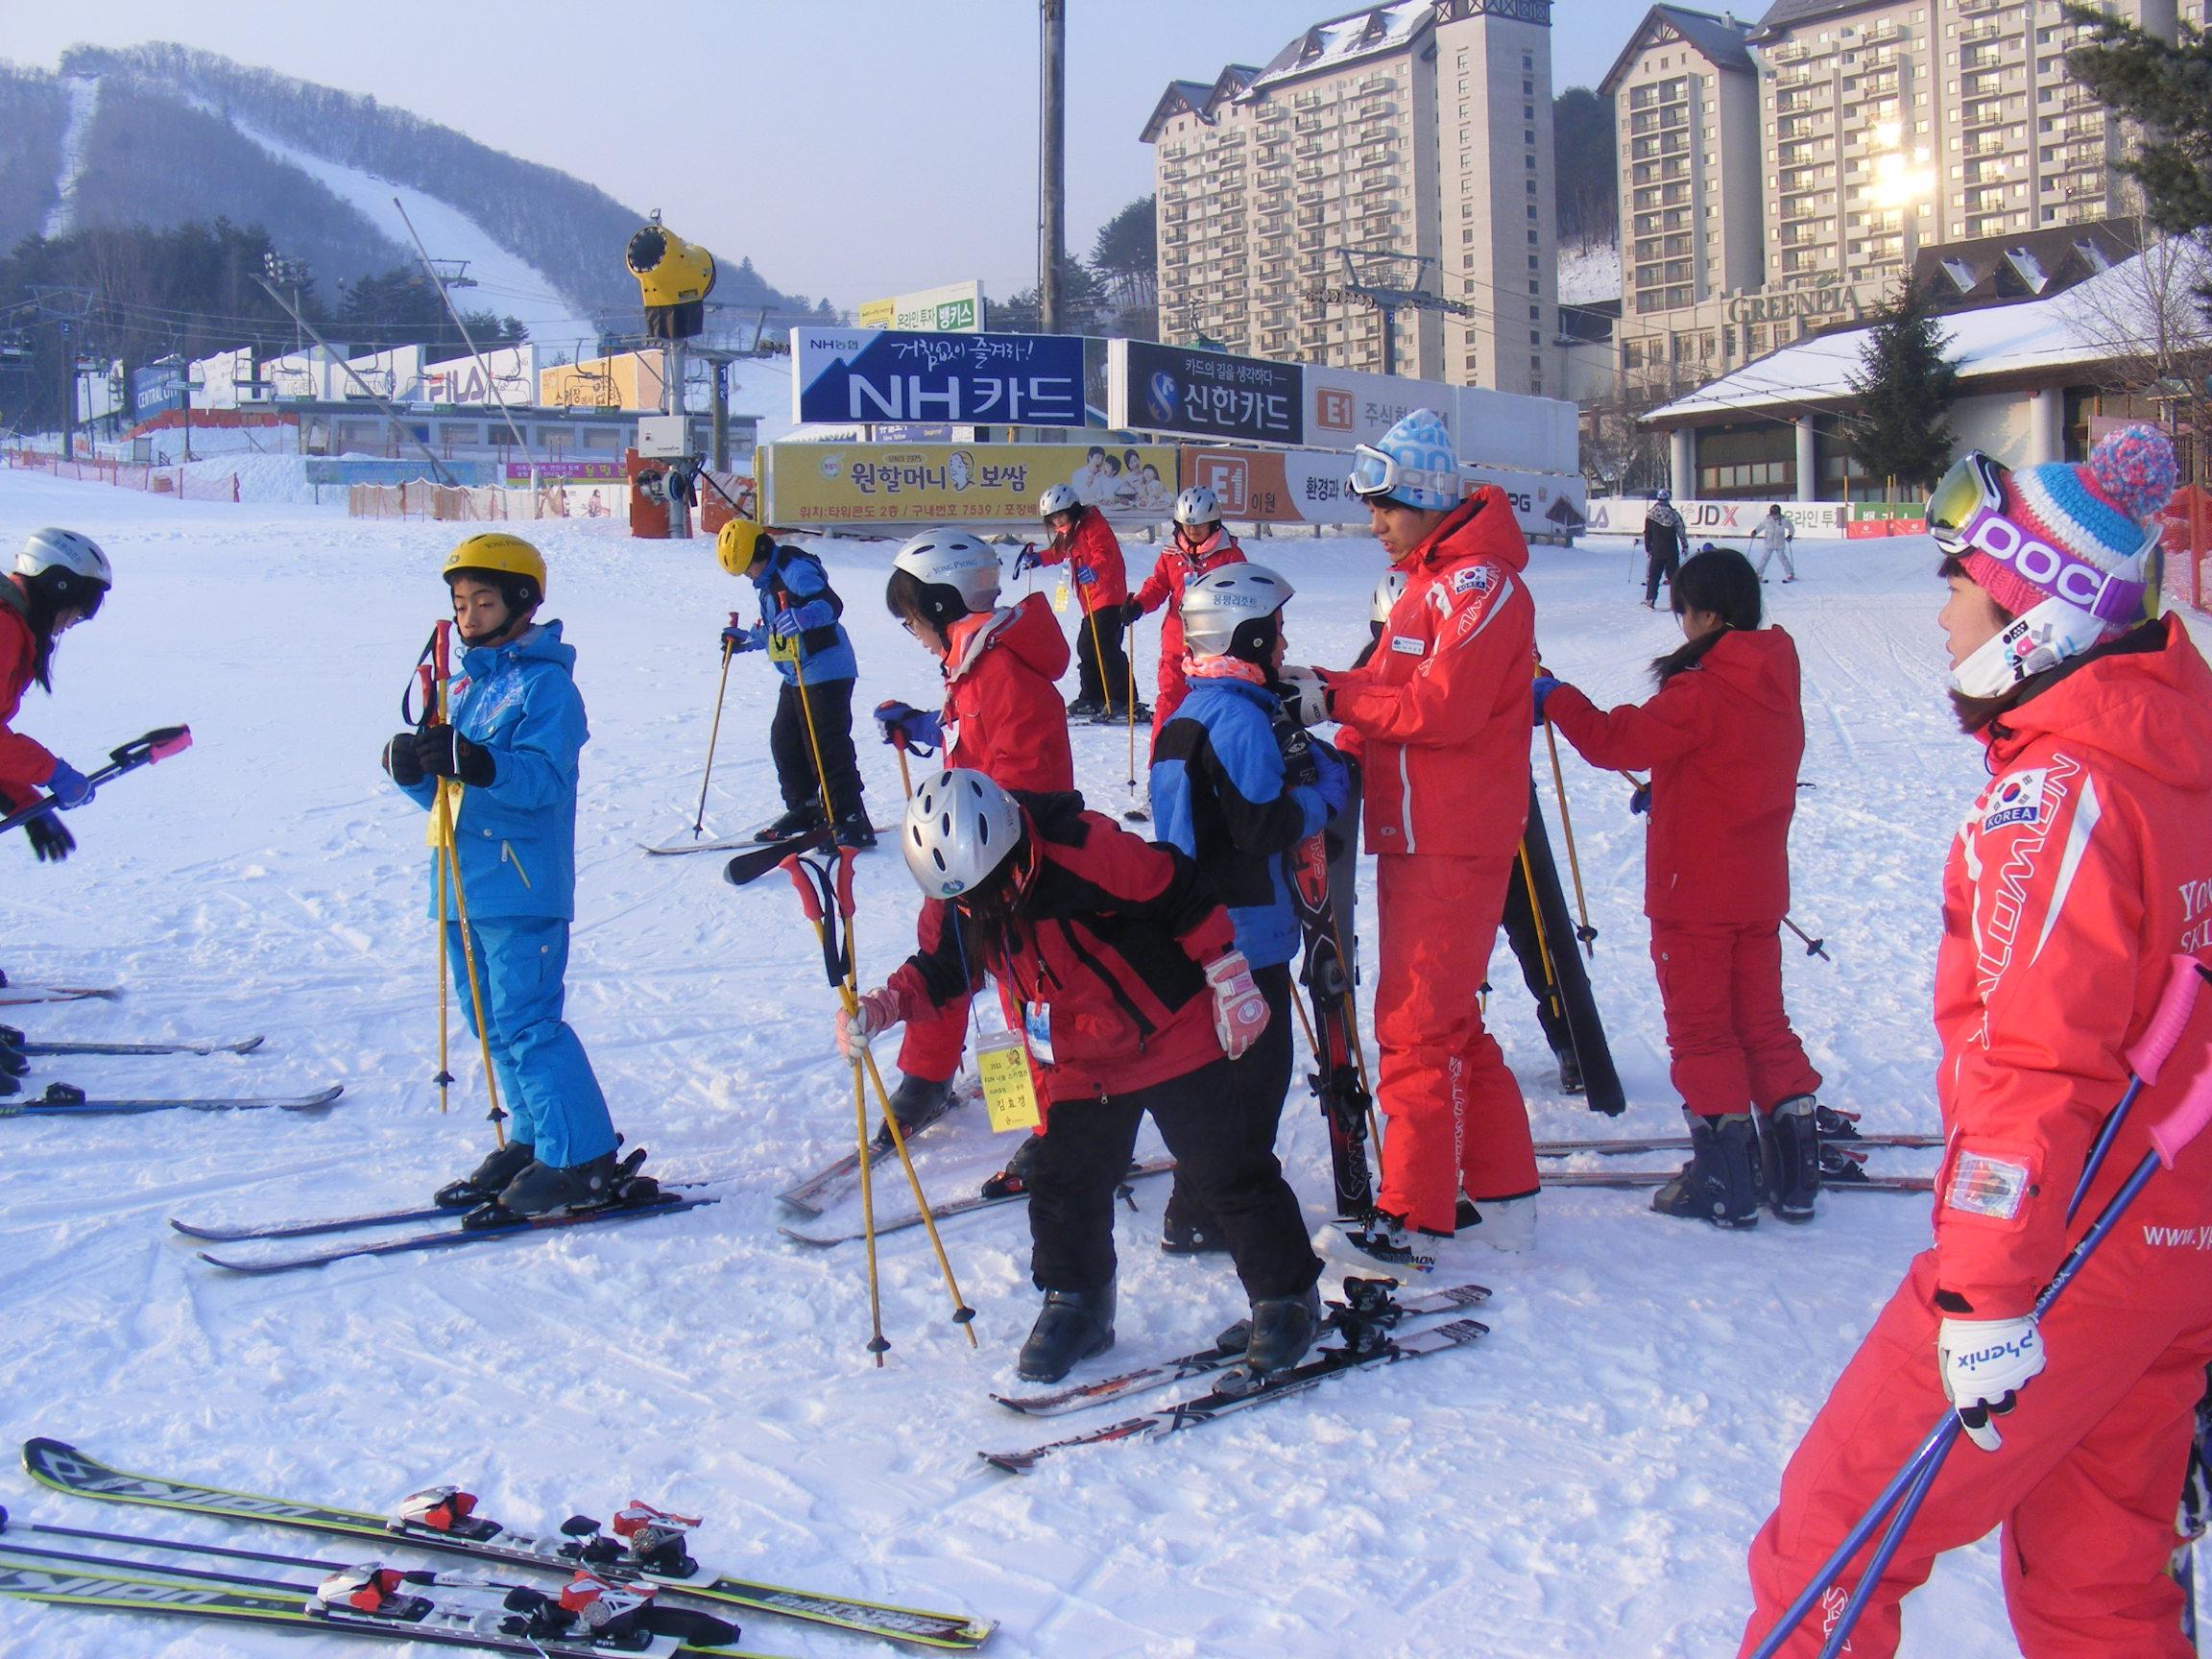 스키탈 준비하는 아이들